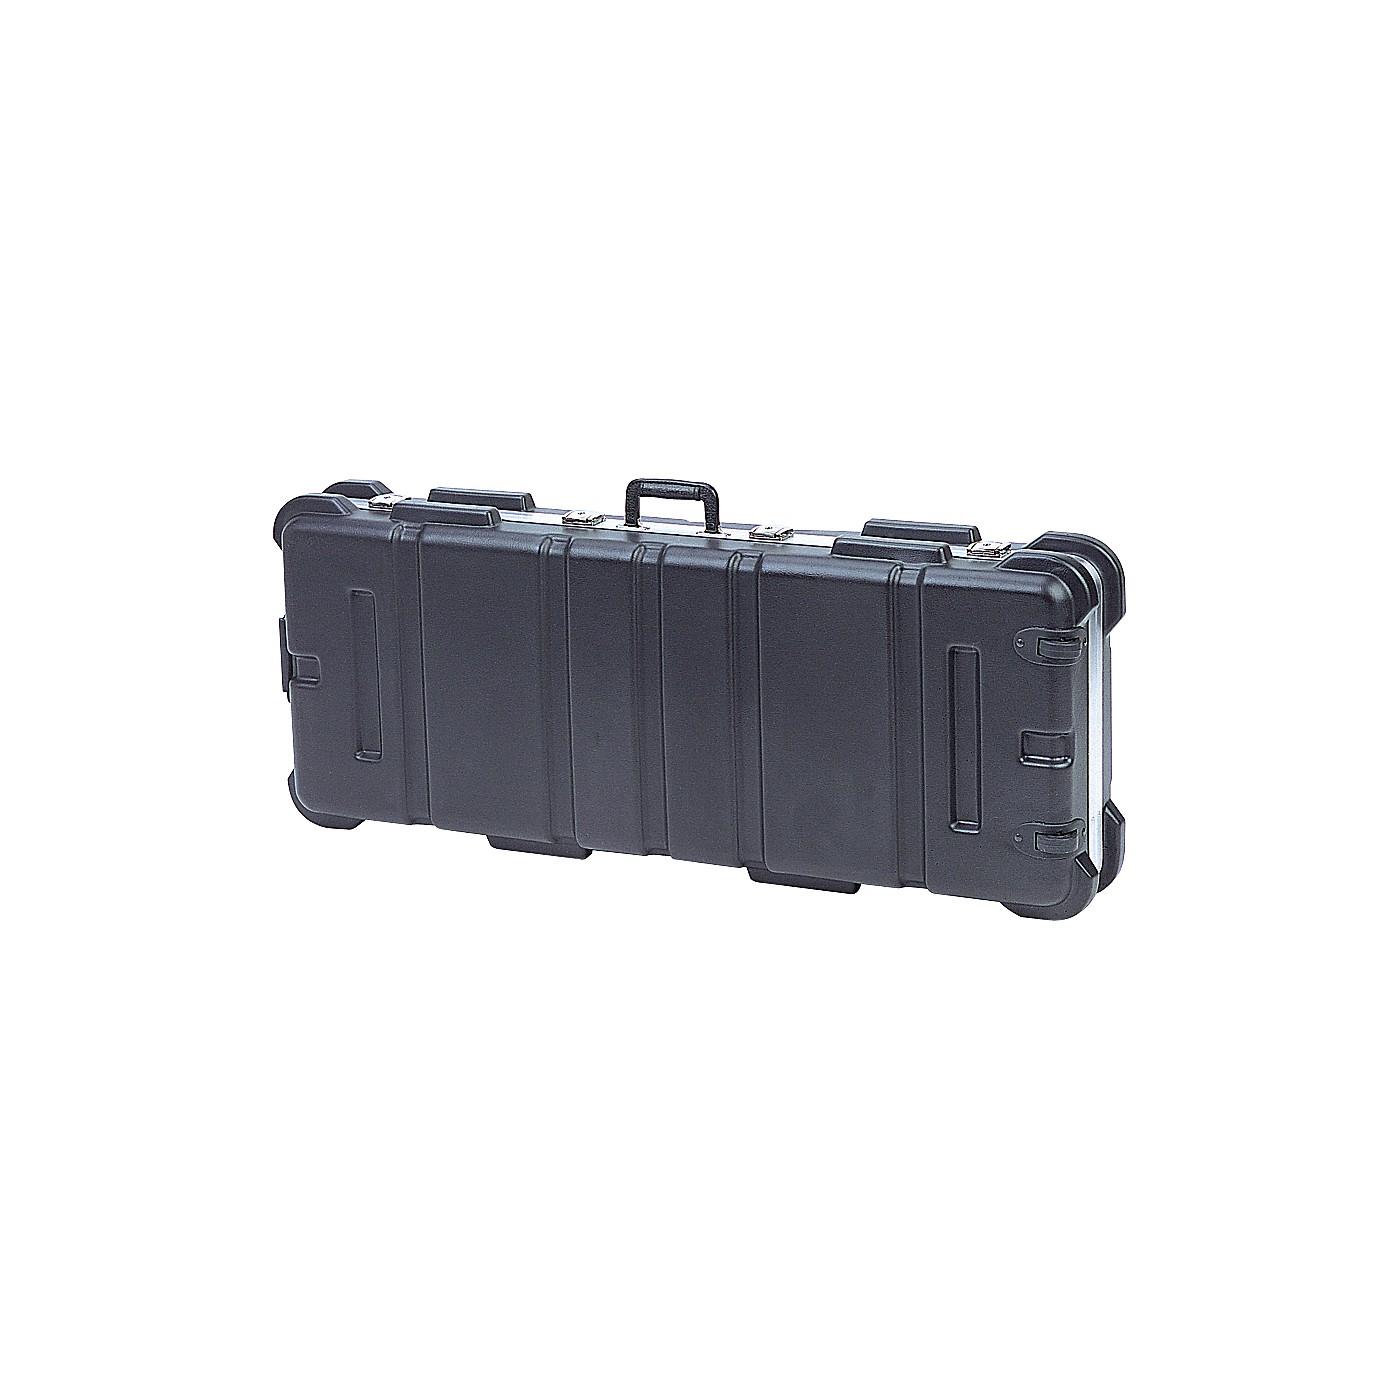 SKB SKB-4214W 61-Key Keyboard Case with Wheels thumbnail